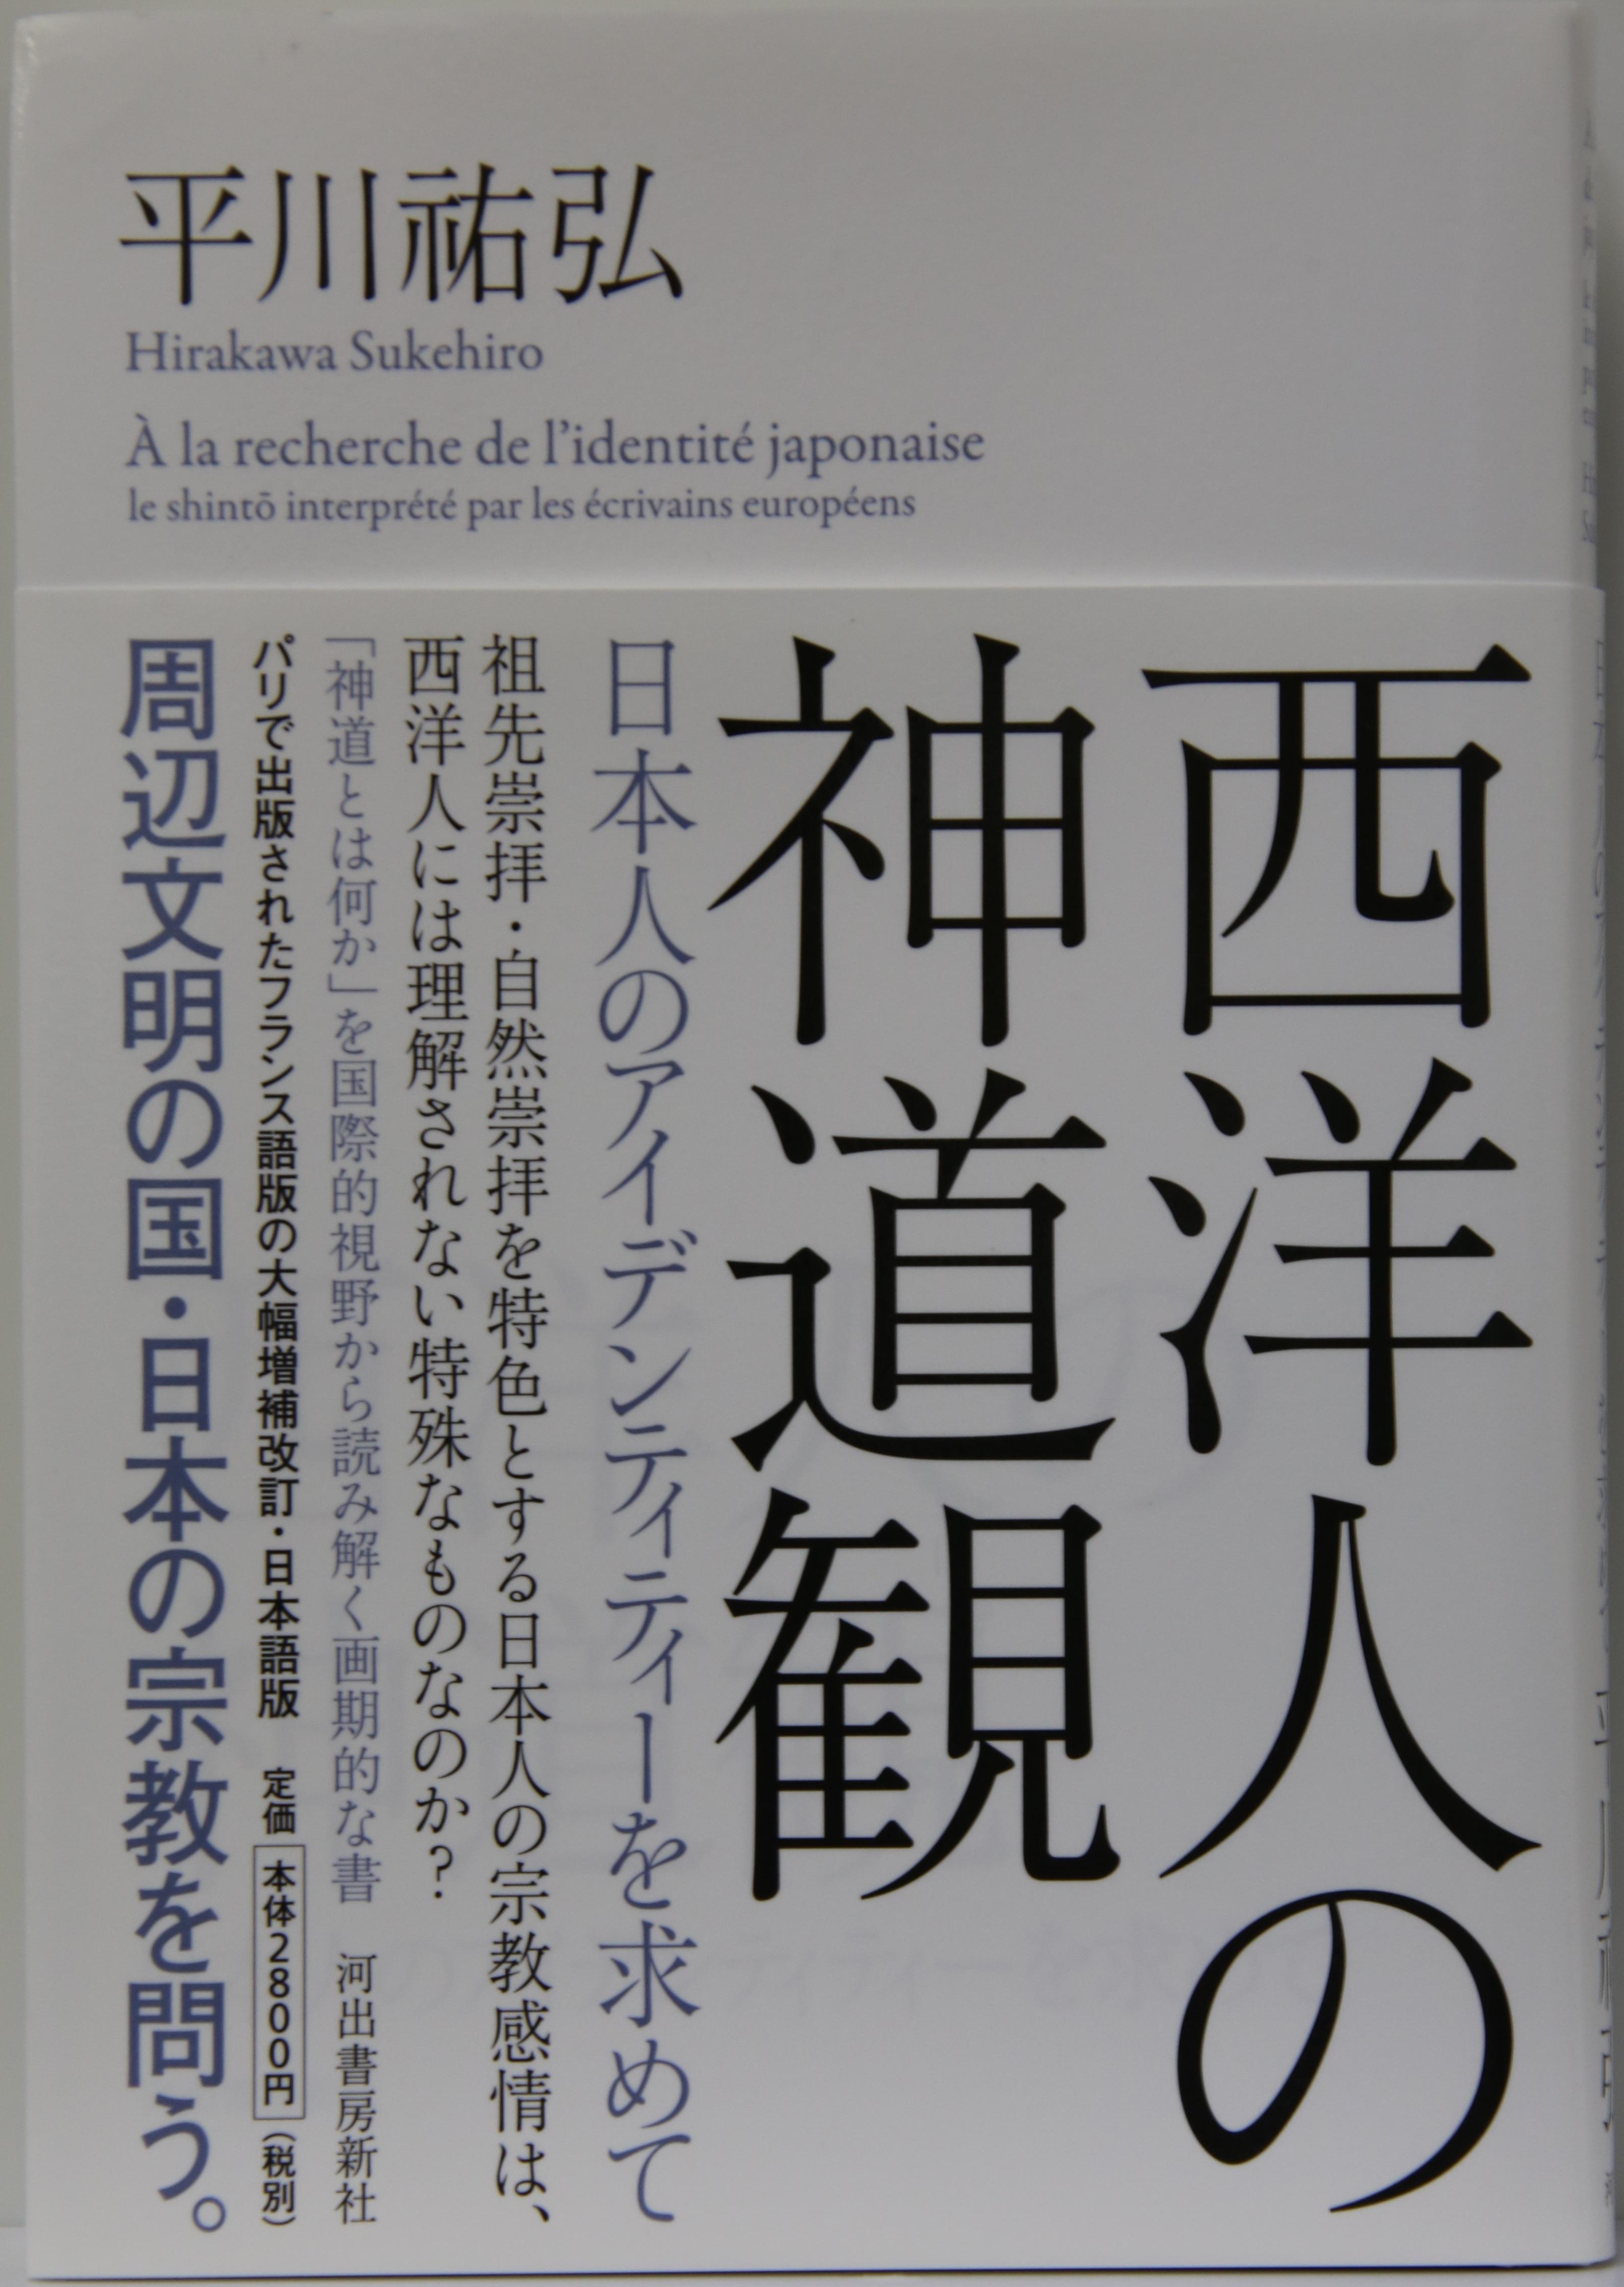 【自著自賛】 西洋人の神道観ー日本人のアイデンティティーを求めて